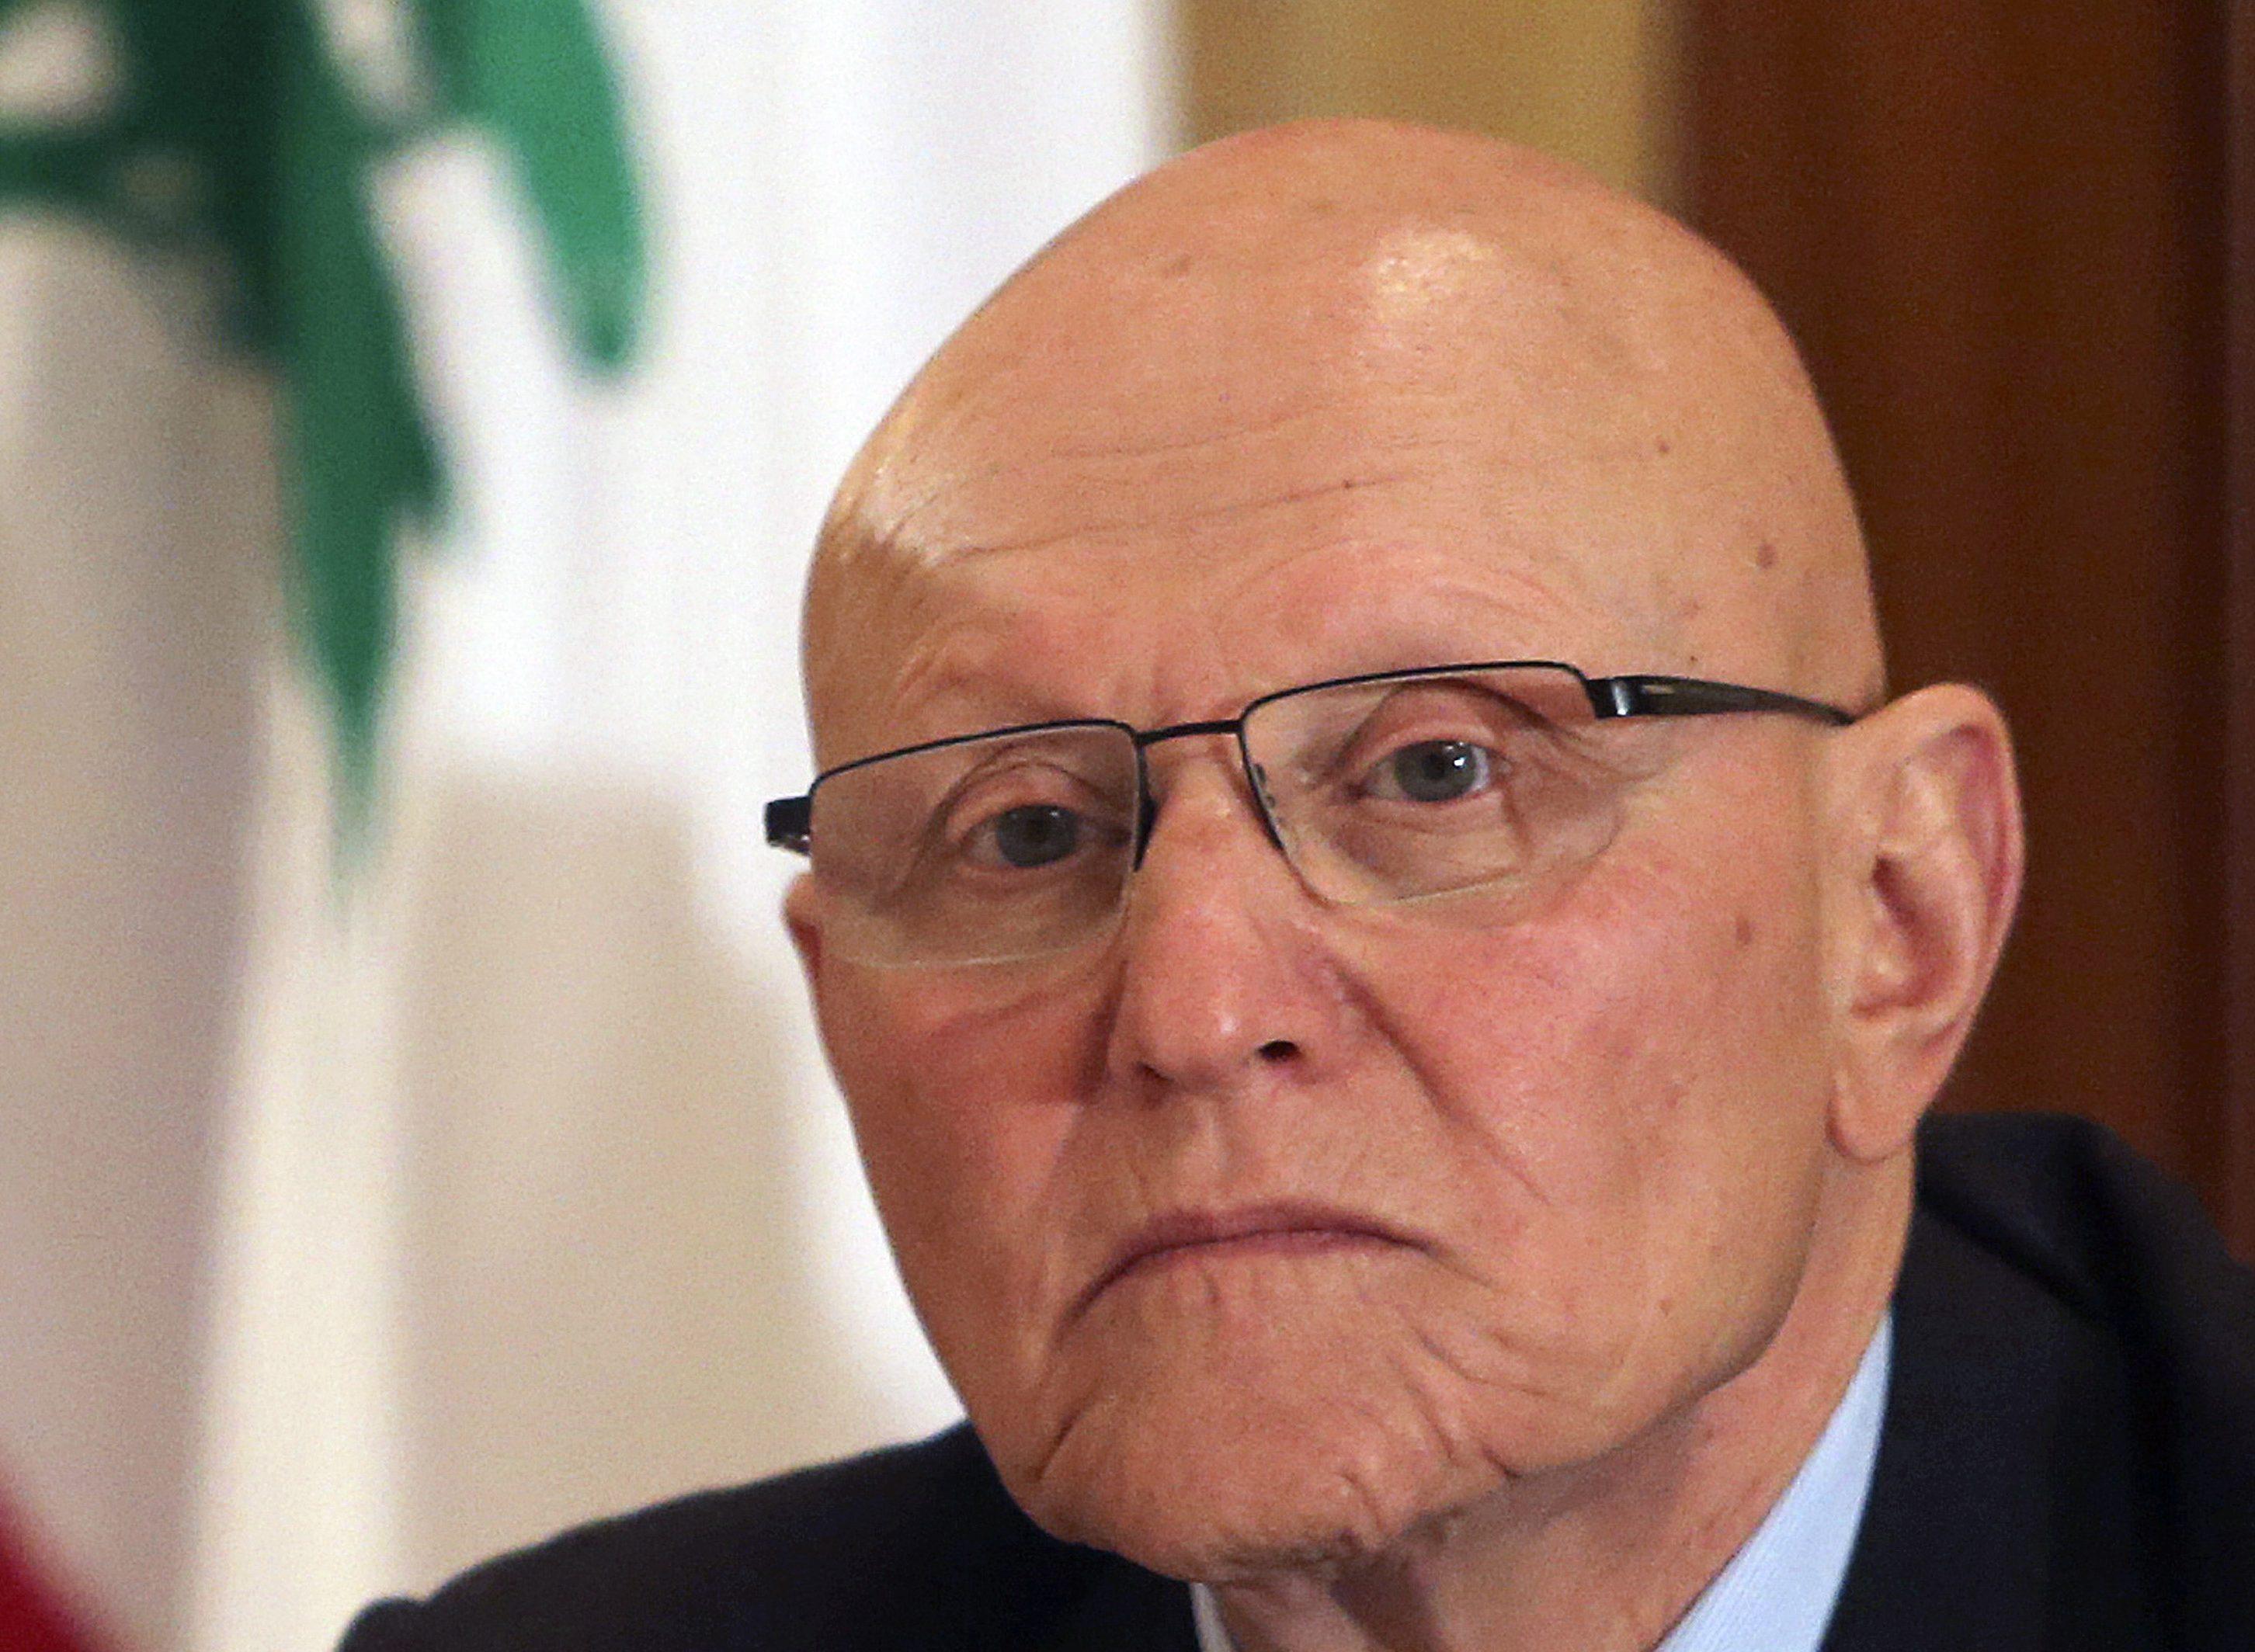 رئيس الحكومة اللبنانية الأسبق تمام سلام يحذر من عواقب التدهور الاقتصادي